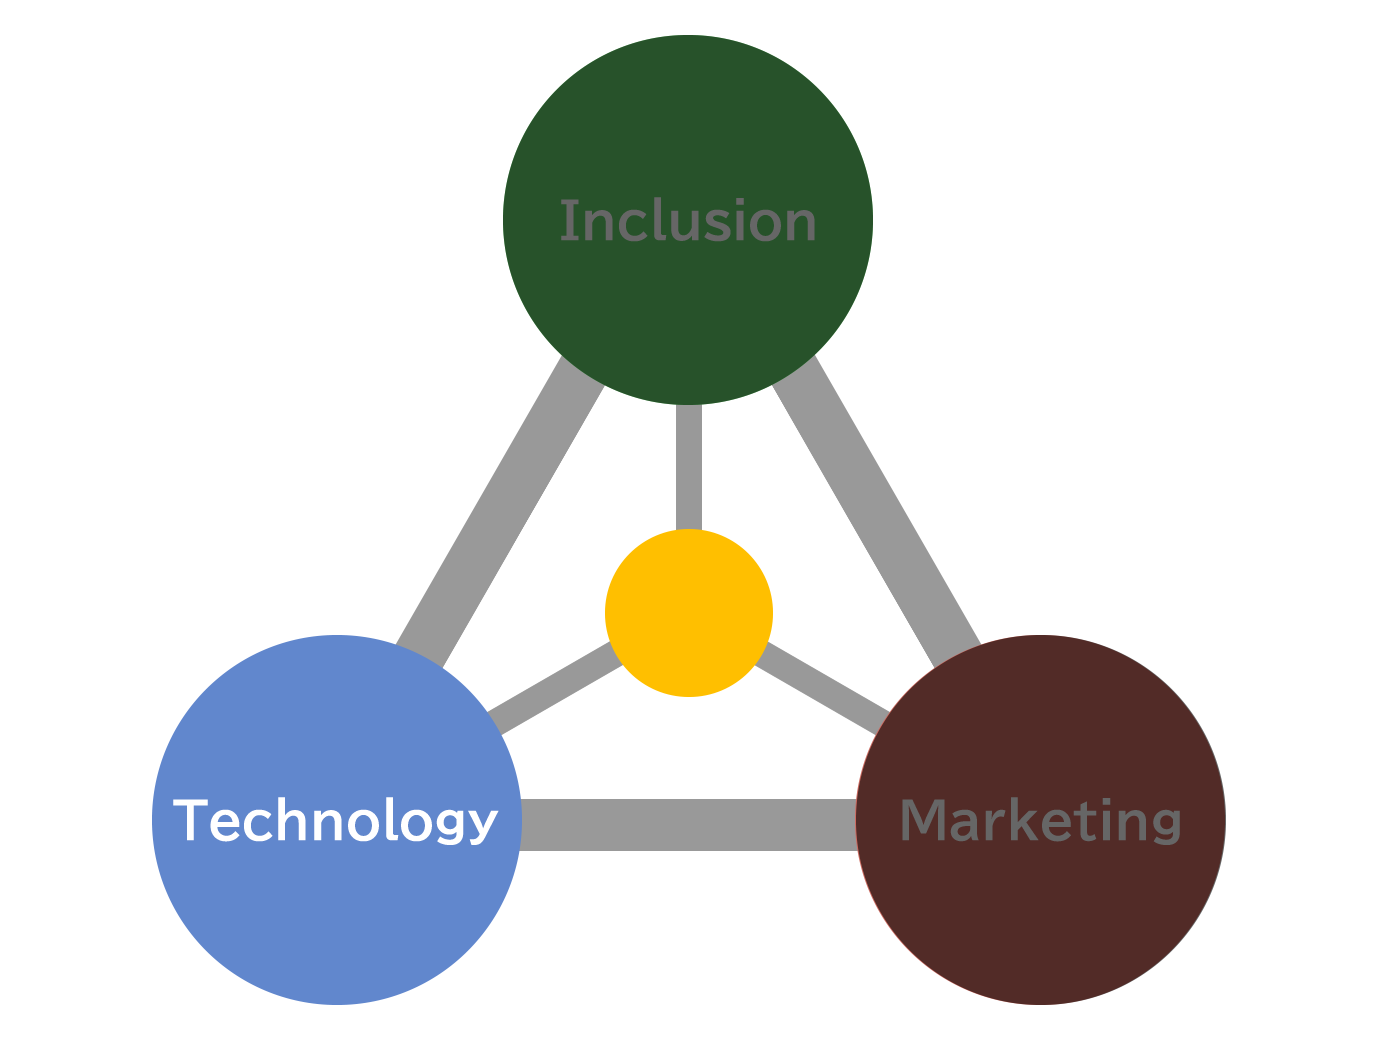 株式会社Insityが提供できる価値|Technology